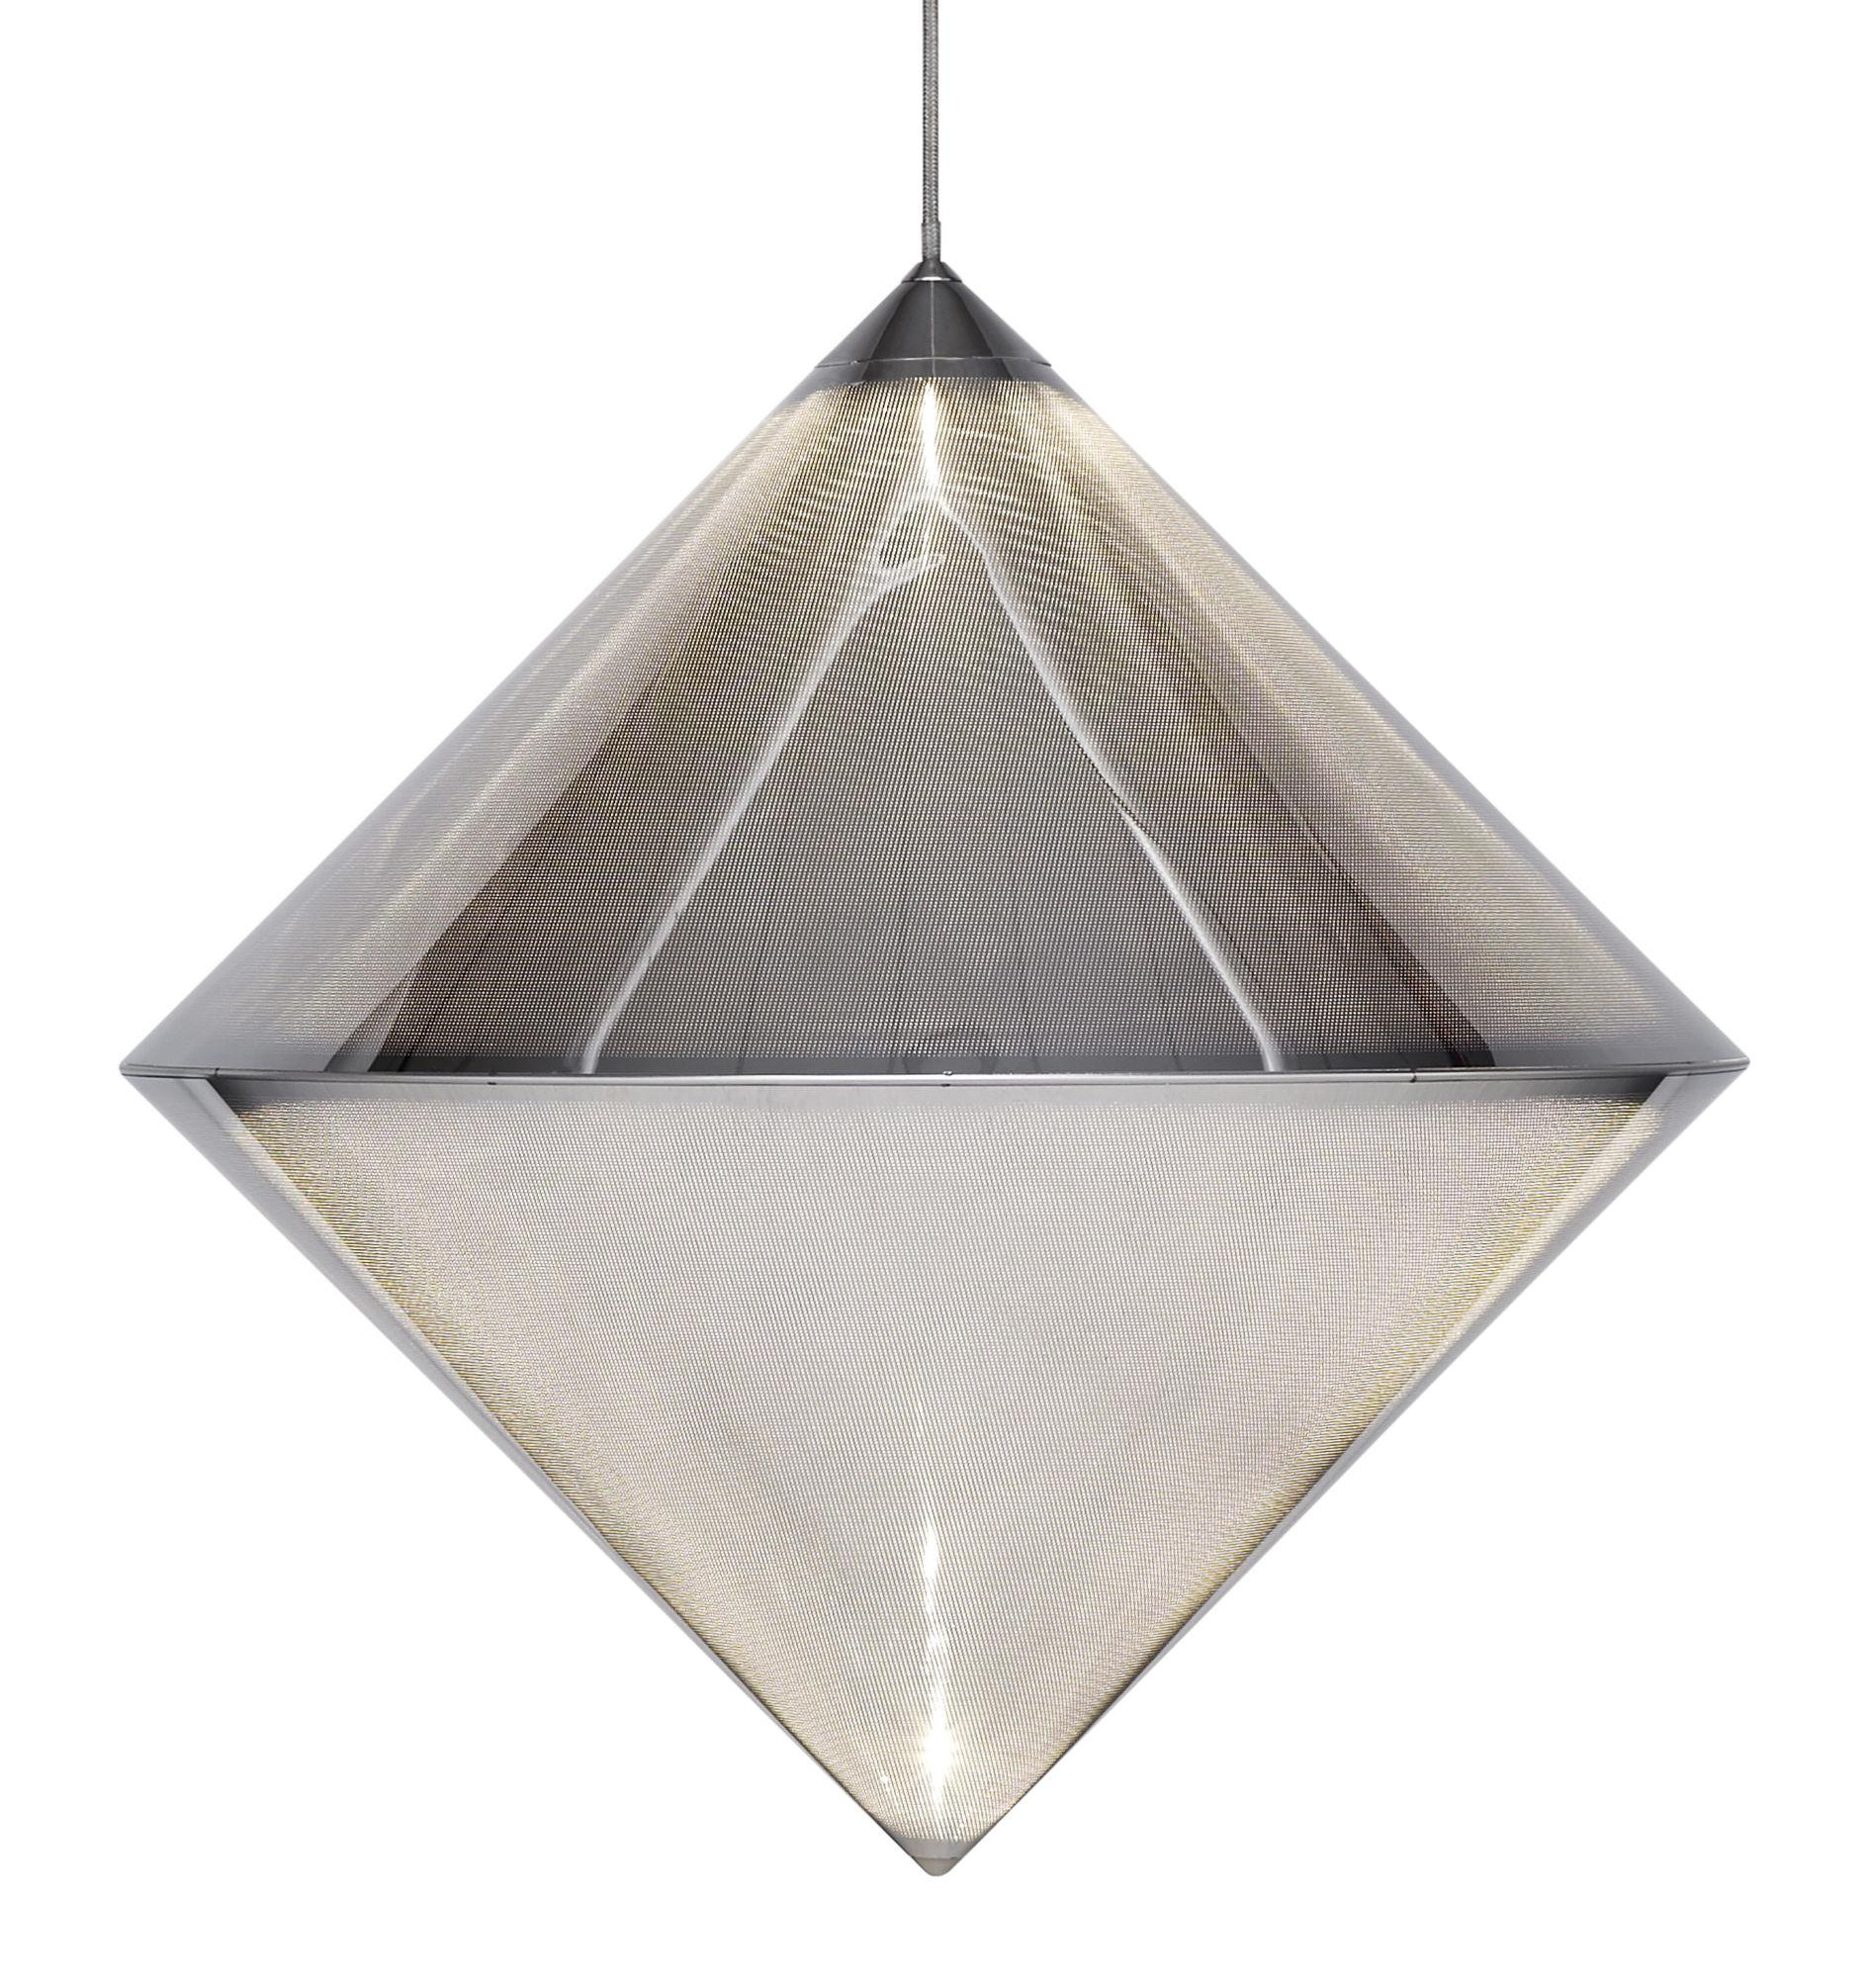 Illuminazione - Lampadari - Sospensione Top - / LED - Acciaio micro-perforato di Tom Dixon - Cromato - Acciaio microperforato